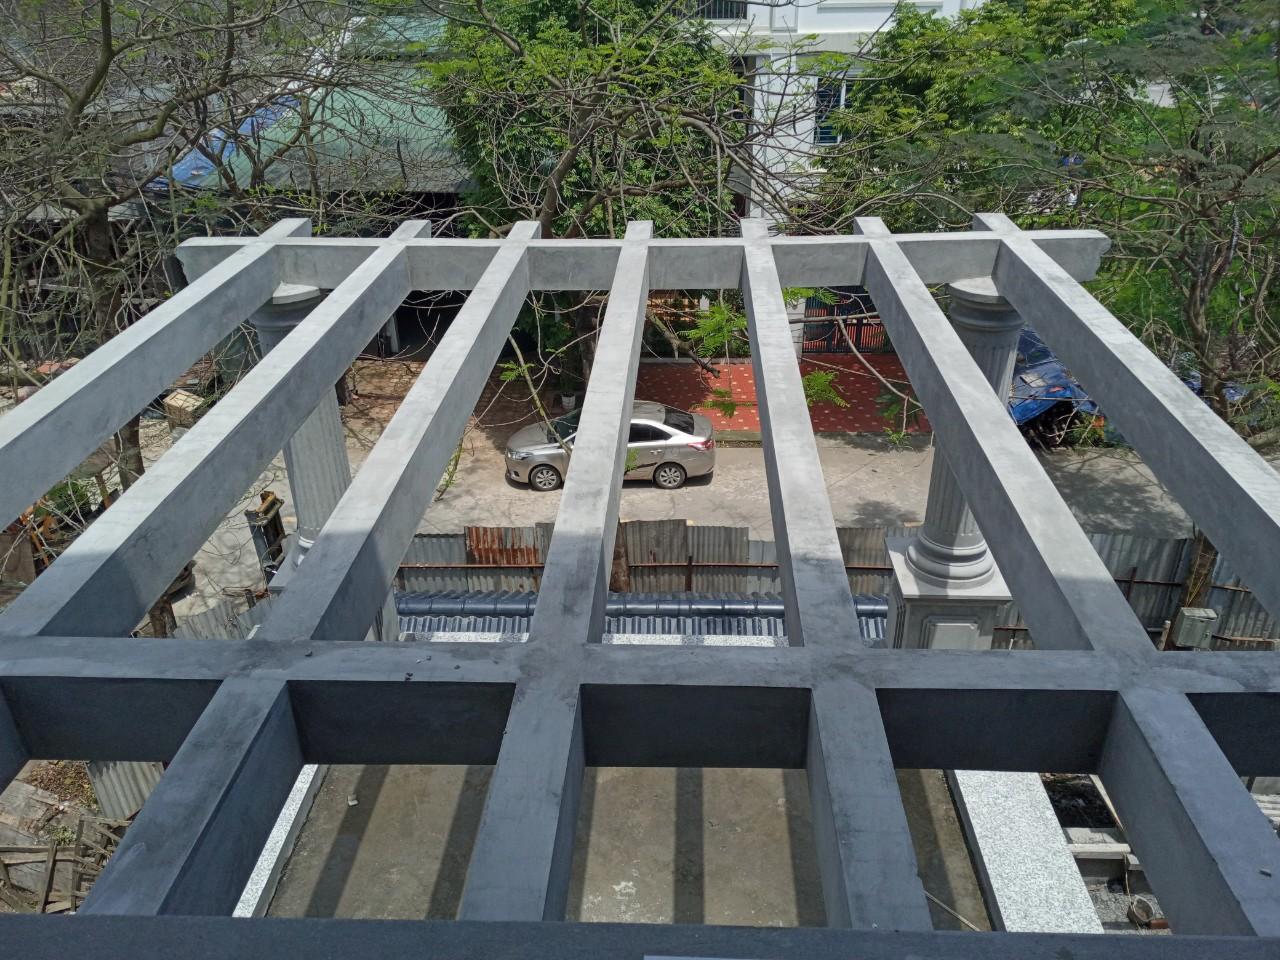 Biệt thự nhà Anh Thắng Chị Lợi tại Từ Sơn Bắc Ninh